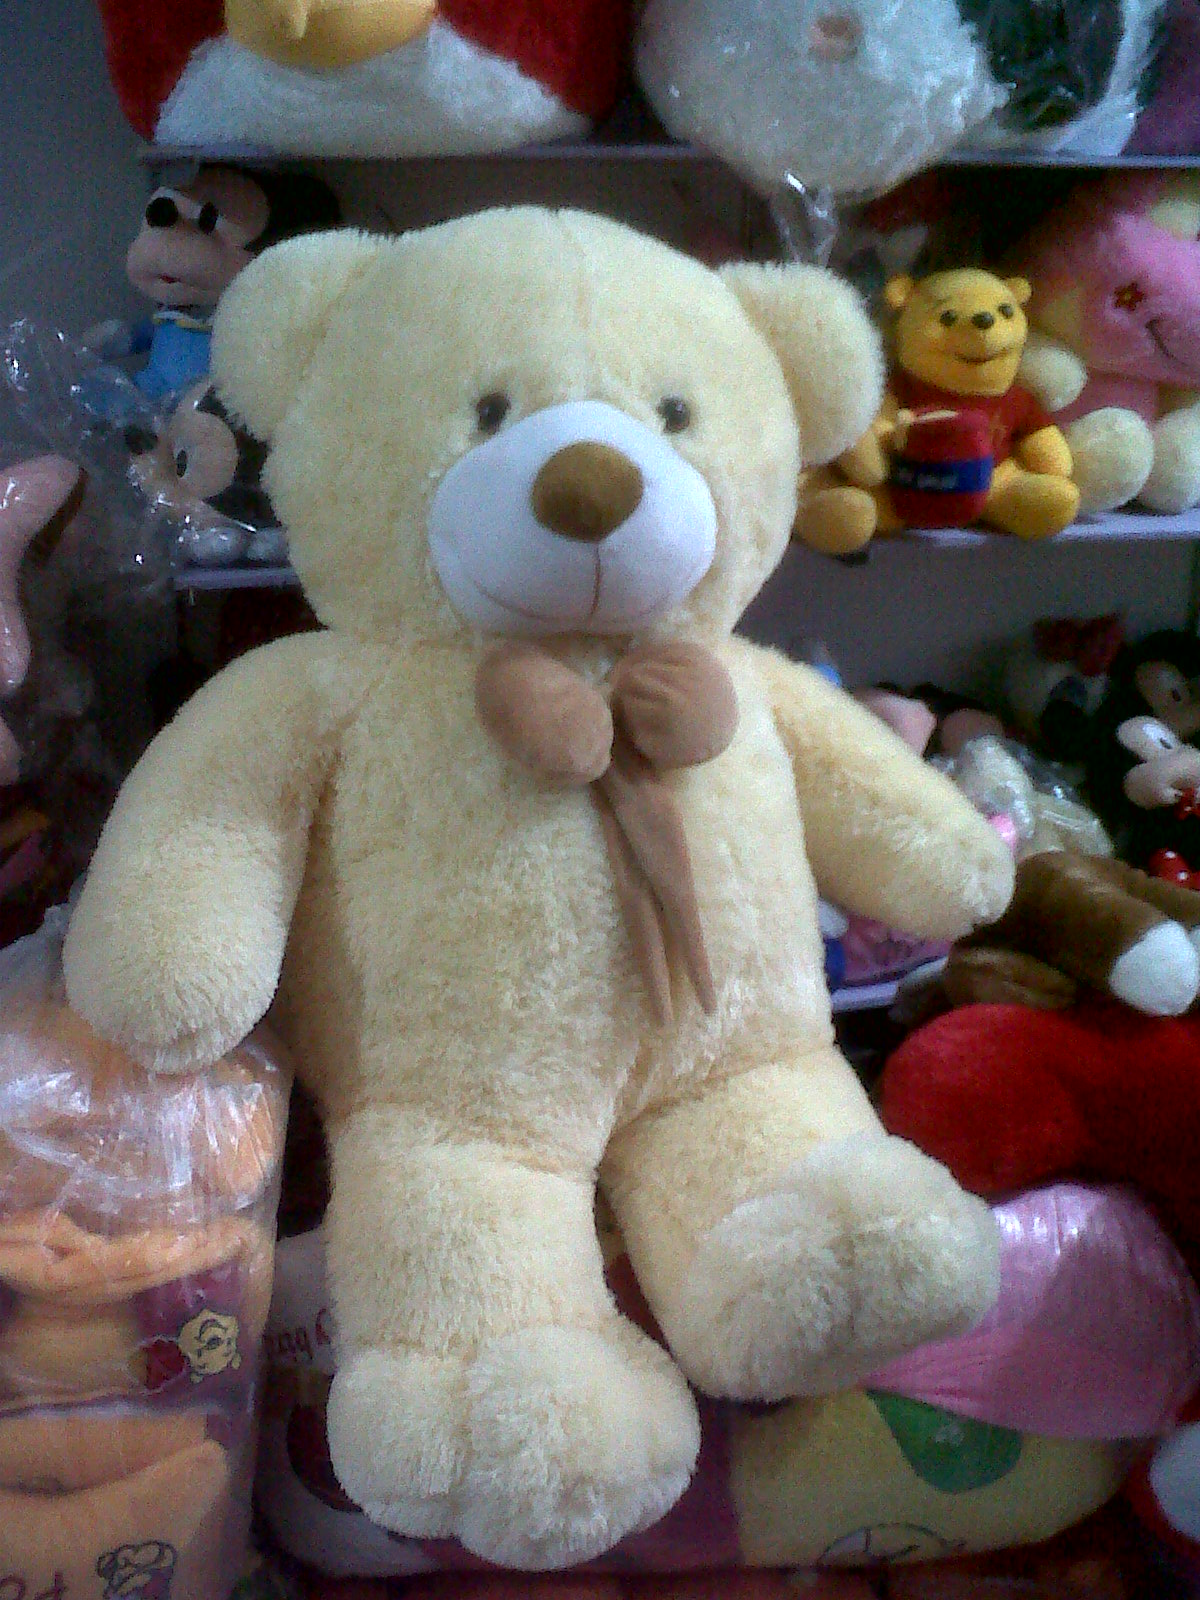 gambar beruang - gambar beruang